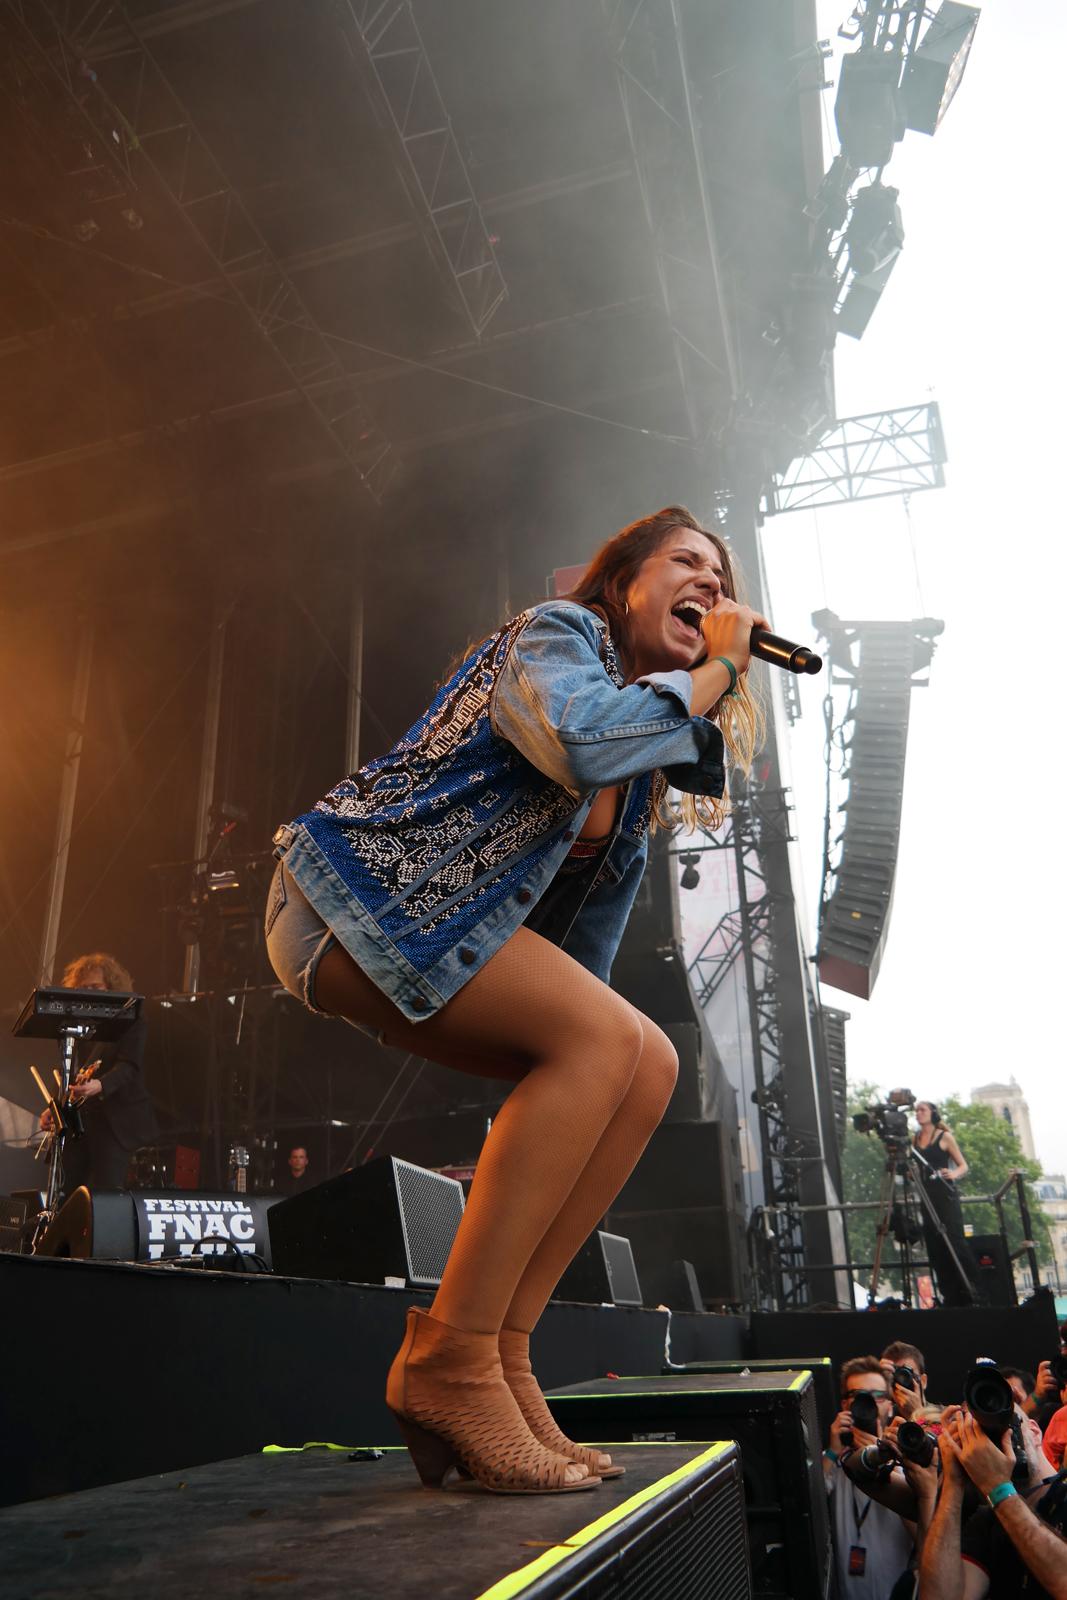 Izia-Higelin-fnaclive-2015-festival-live-concert-parvis-hotel-de-ville-tournée-la-vague-album-stage-photo-scène-by-United-states-of-paris-blog